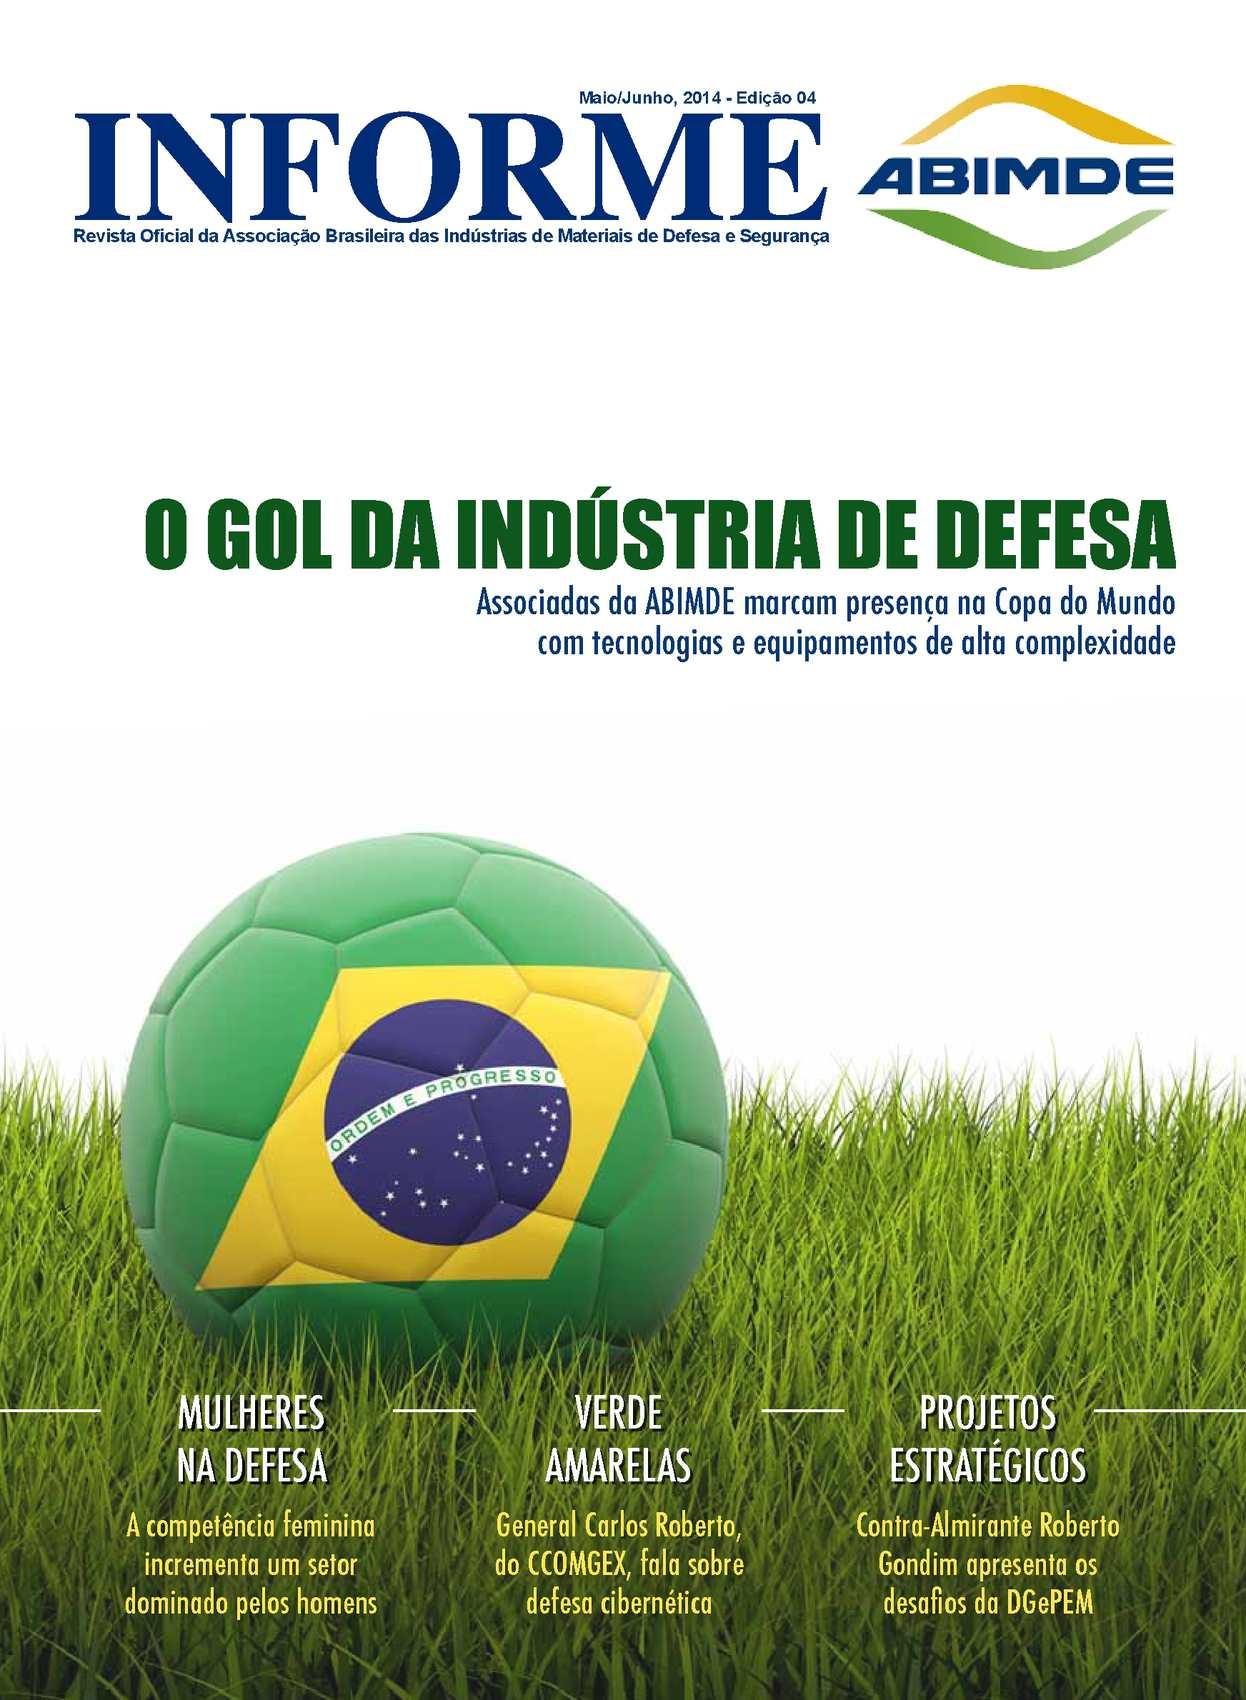 Calaméo - Matéria Bradar - Informe ABIMDE - Junho 2014 85ad5ecb59